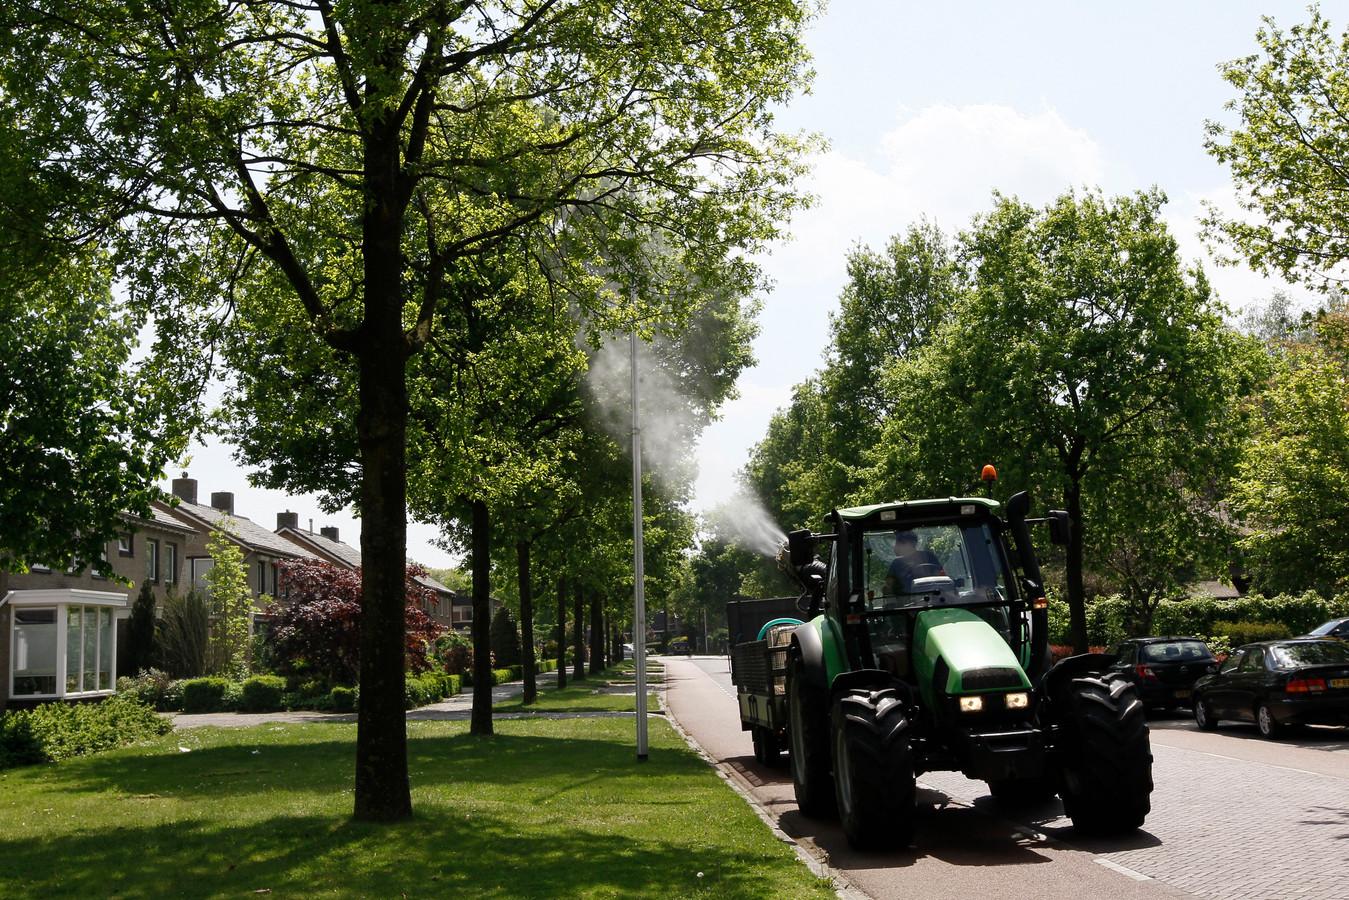 Vanaf een aanhanger achter een tractor wordt in Raalte een wolk fijne druppeltjes van het biologische middel Xentari in boomkruinen gespoten. De gemeente Raalte schakelde daarvoor het Deventer bedrijf Pius Floris in.